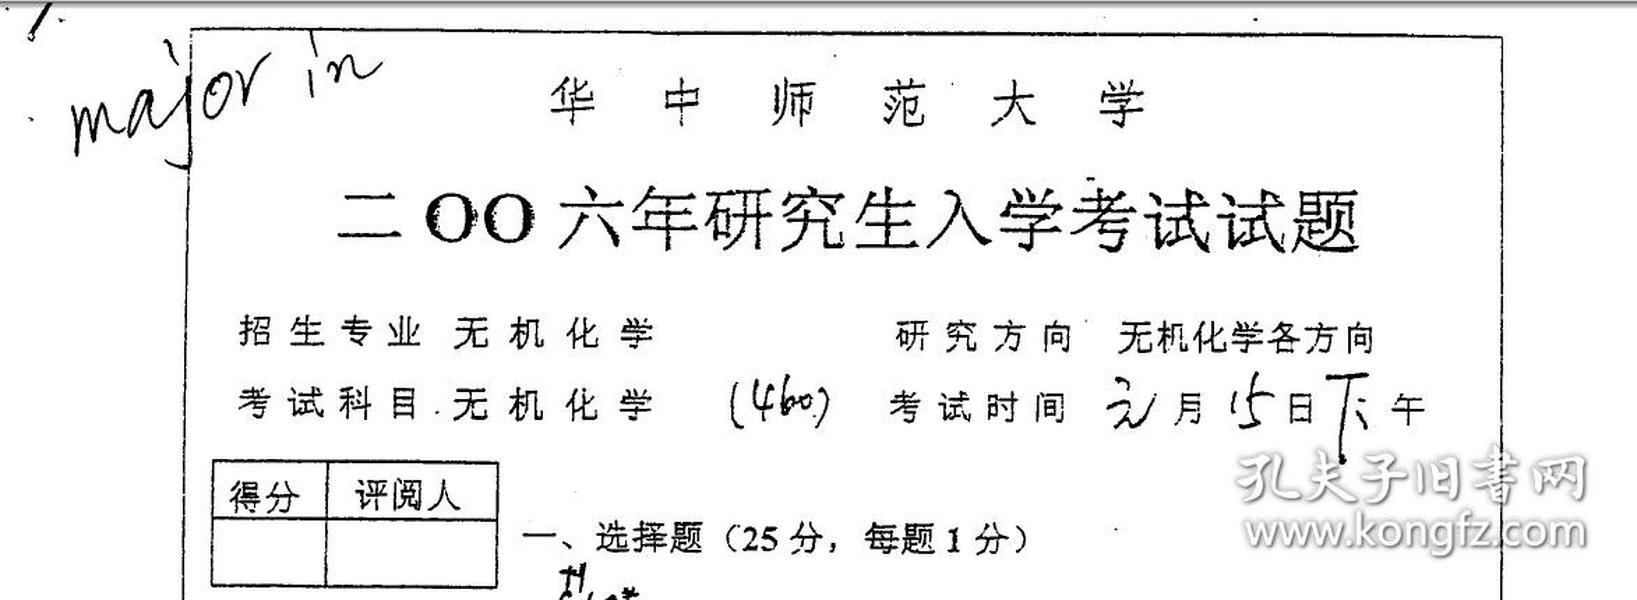 华中师范大学2006年研究生入学考试试题 考研真题—— 2006年华中师范大学无机化学考研真题